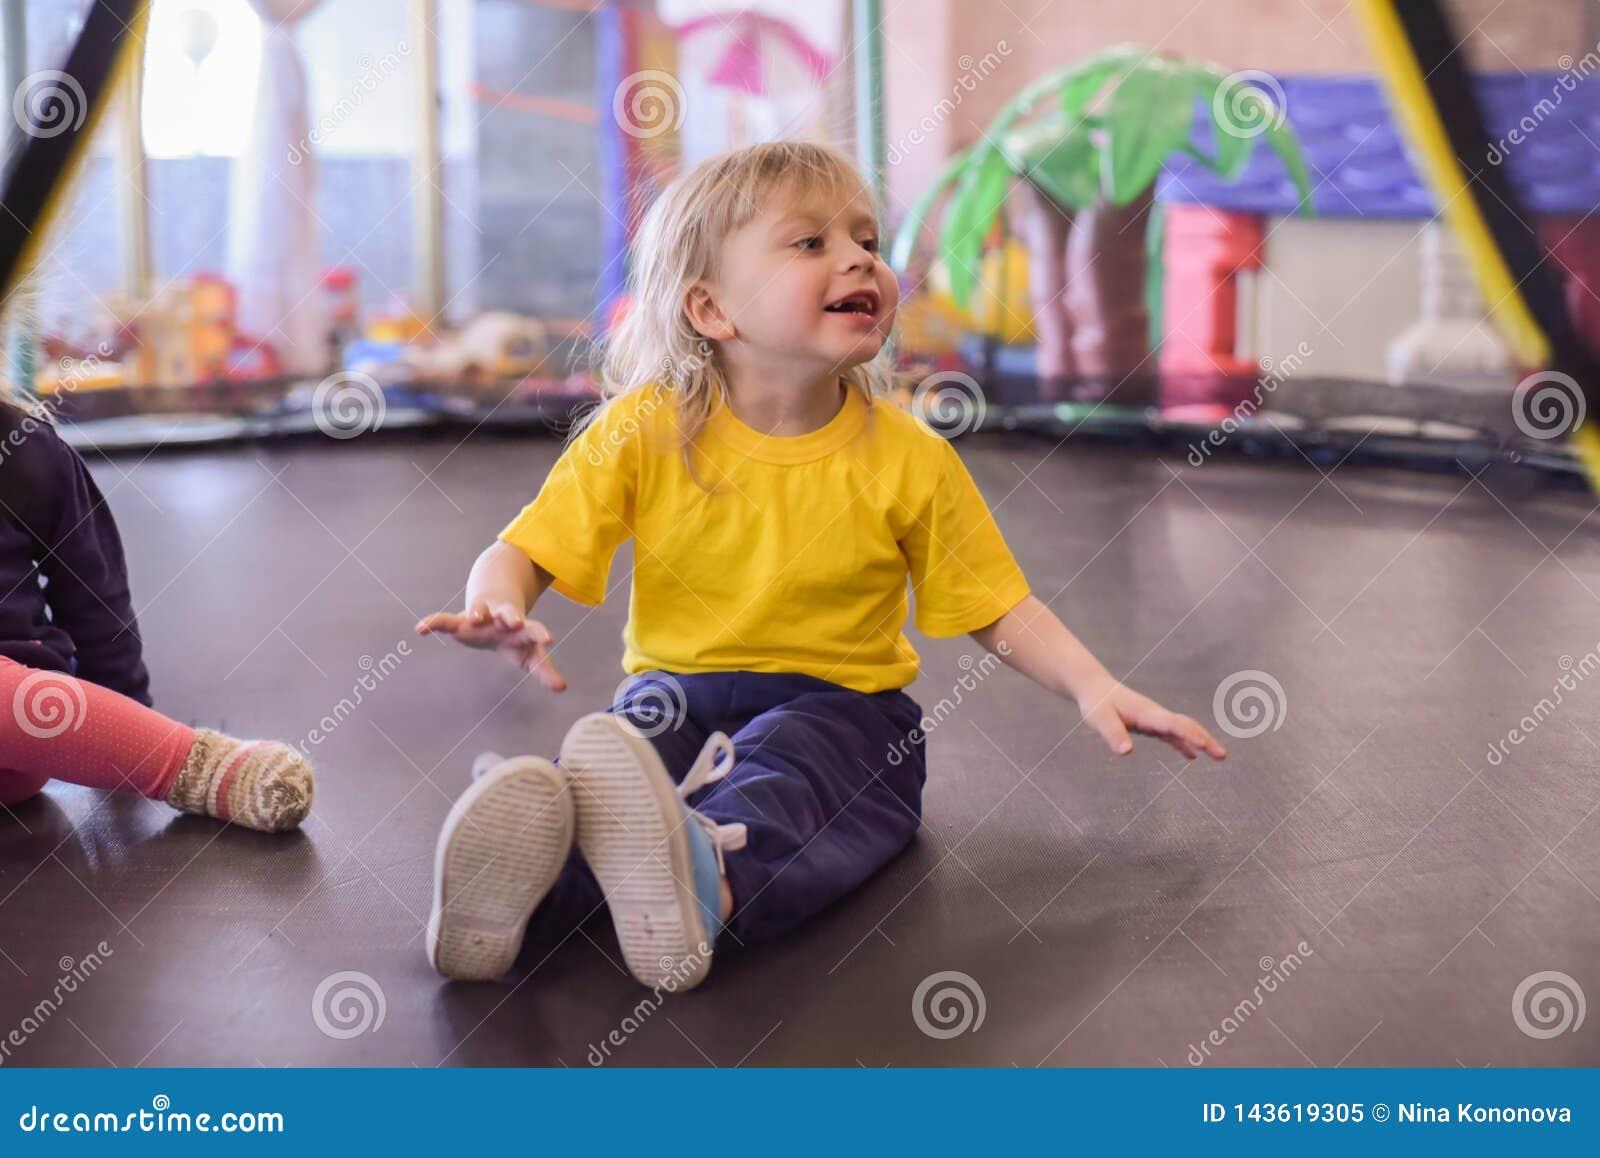 Retrato de um menino louro em um t-shirt amarelo Os sorrisos e os jogos da criança na sala de jogos das crianças A criança salta